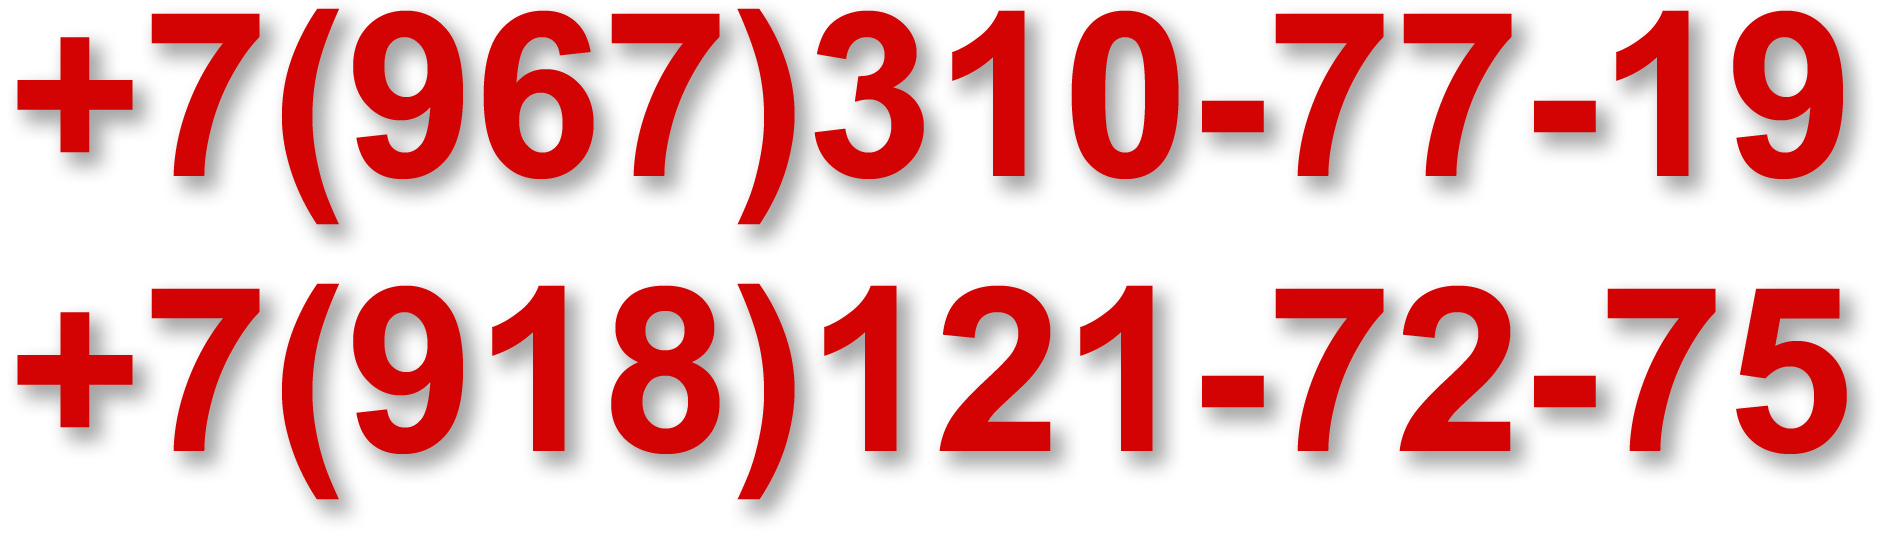 Натяжные потолки Армавир Курганинск Лабинск Мостовской Кропоткин Гулькевичи Новокубанск Отрадная Успенское